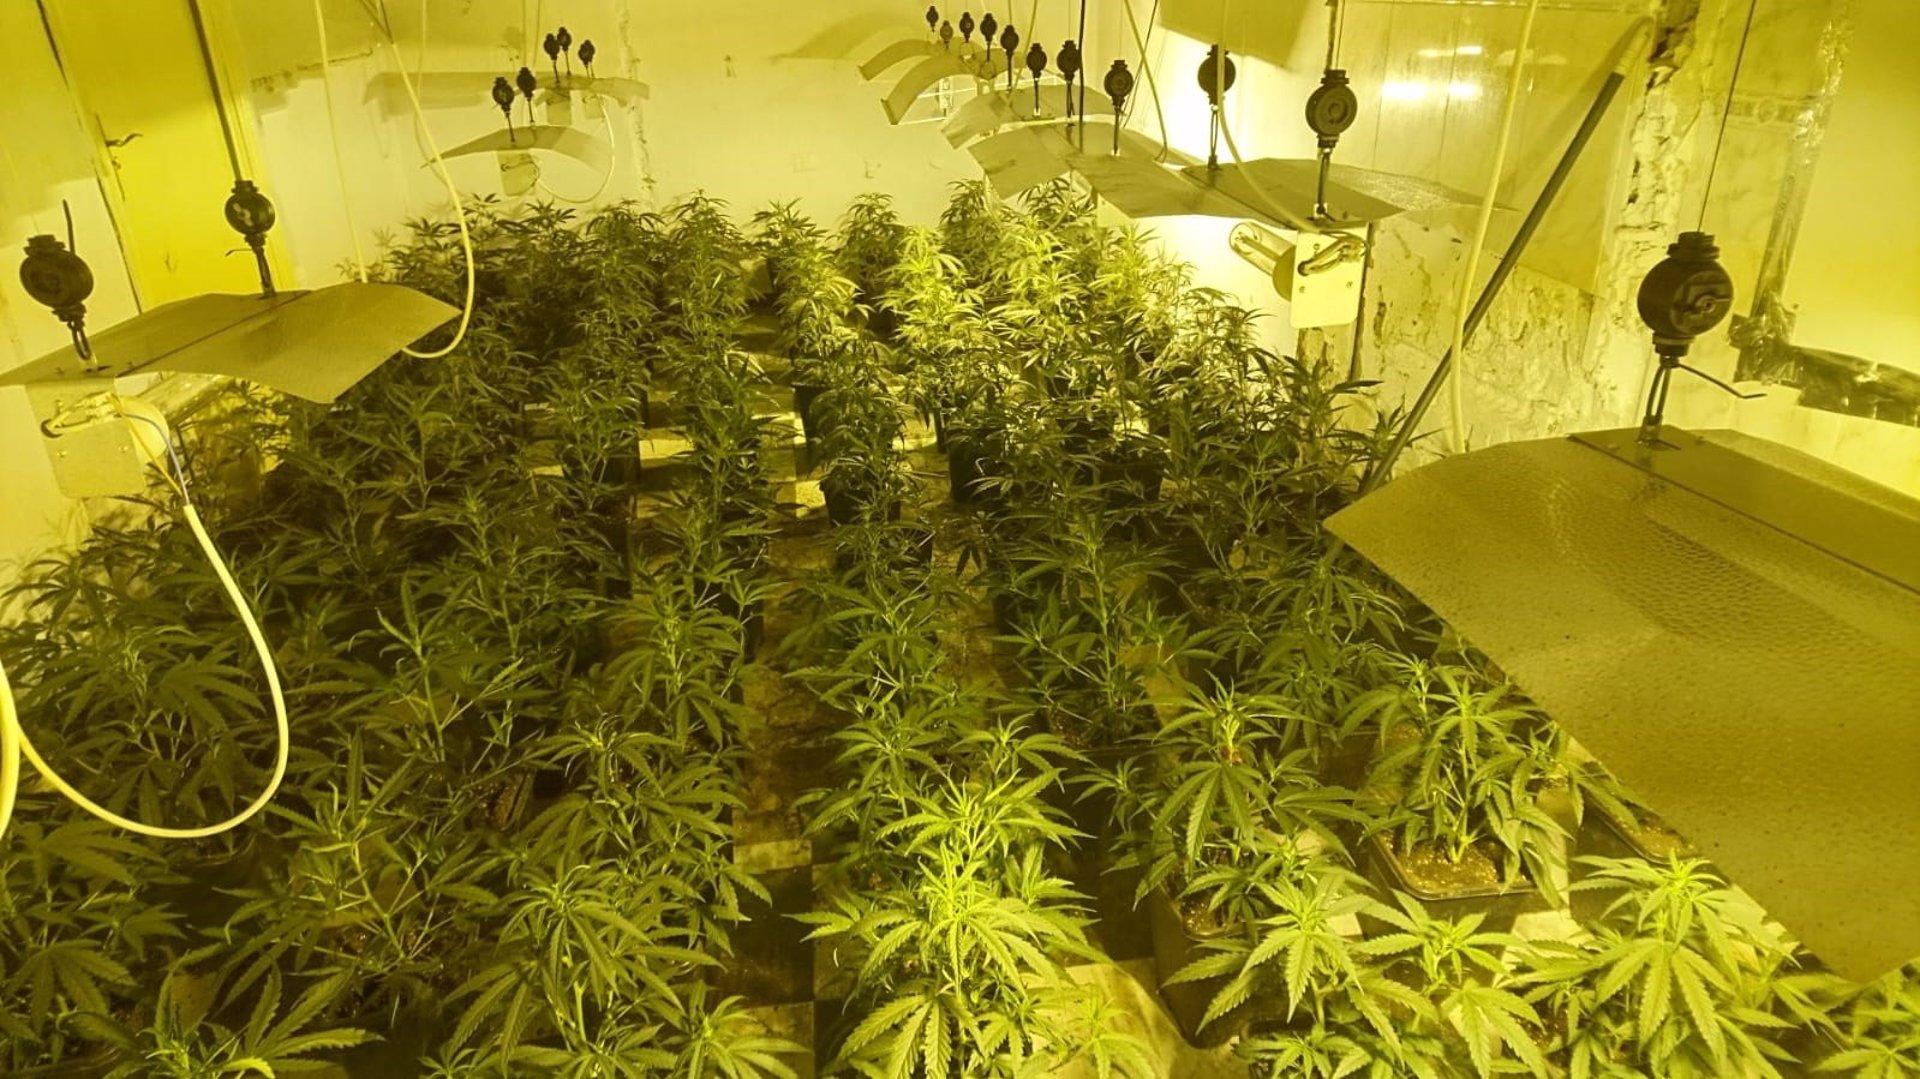 Intervienen más de 1.700 plantas de marihuana en tres registros en La Malahá, Cijuela y Moraleda